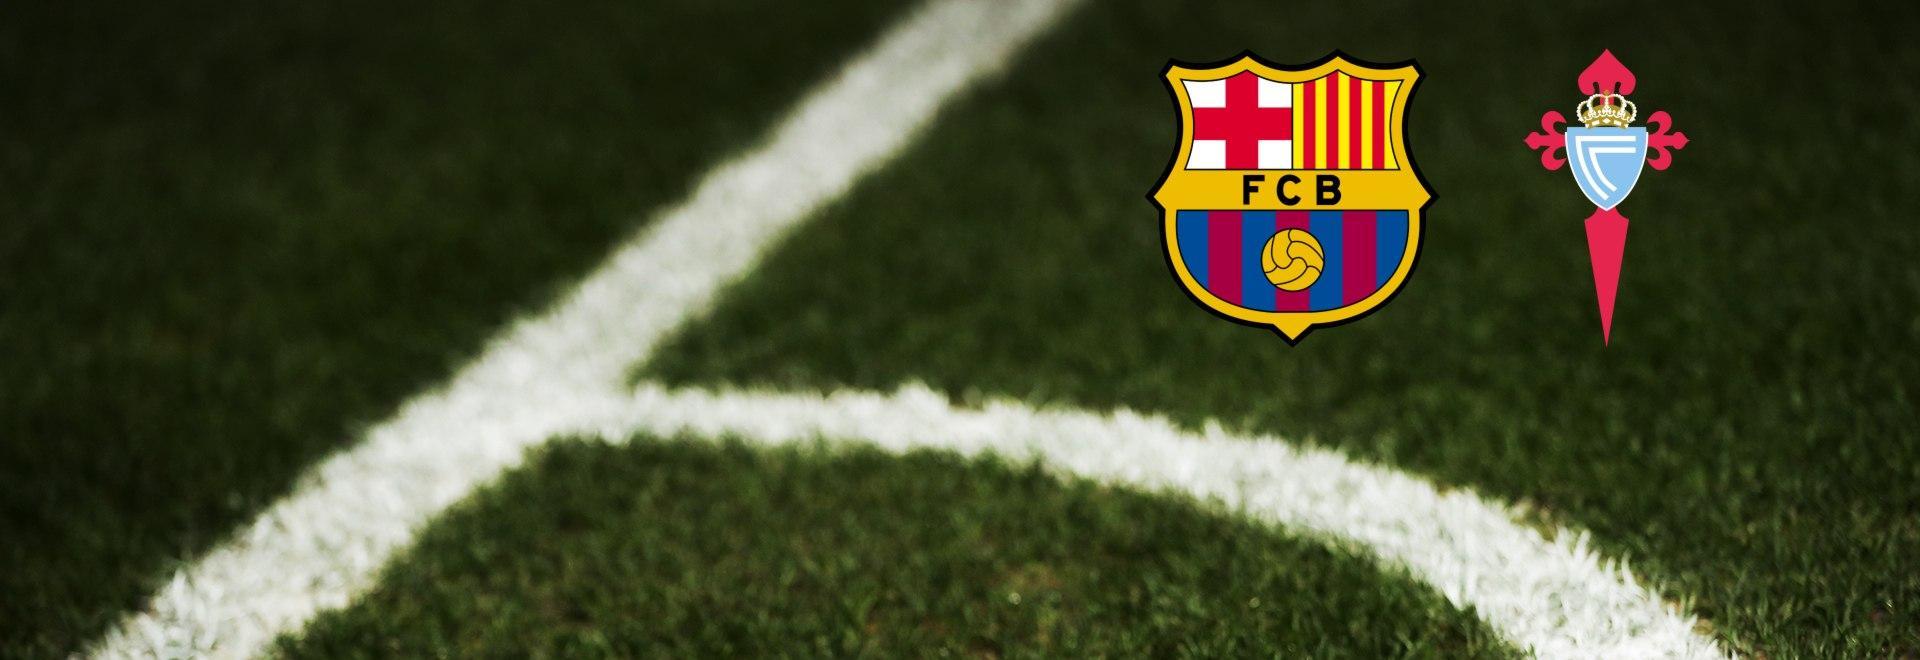 Barcellona - Celta Vigo. 37a g.